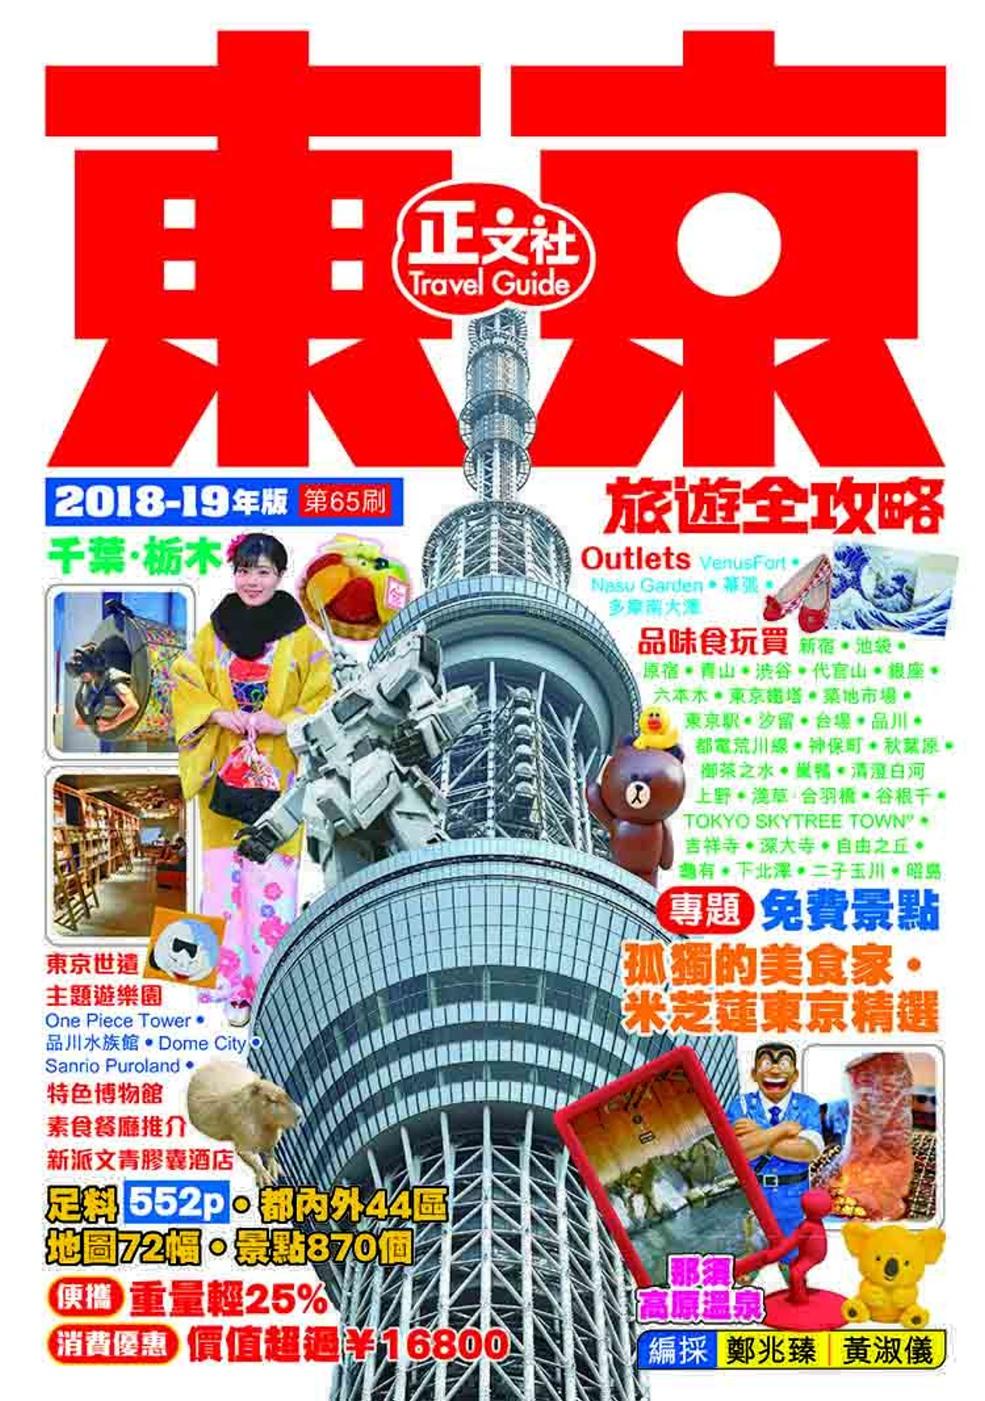 東京旅遊全攻略 2018-19年版(第65刷)